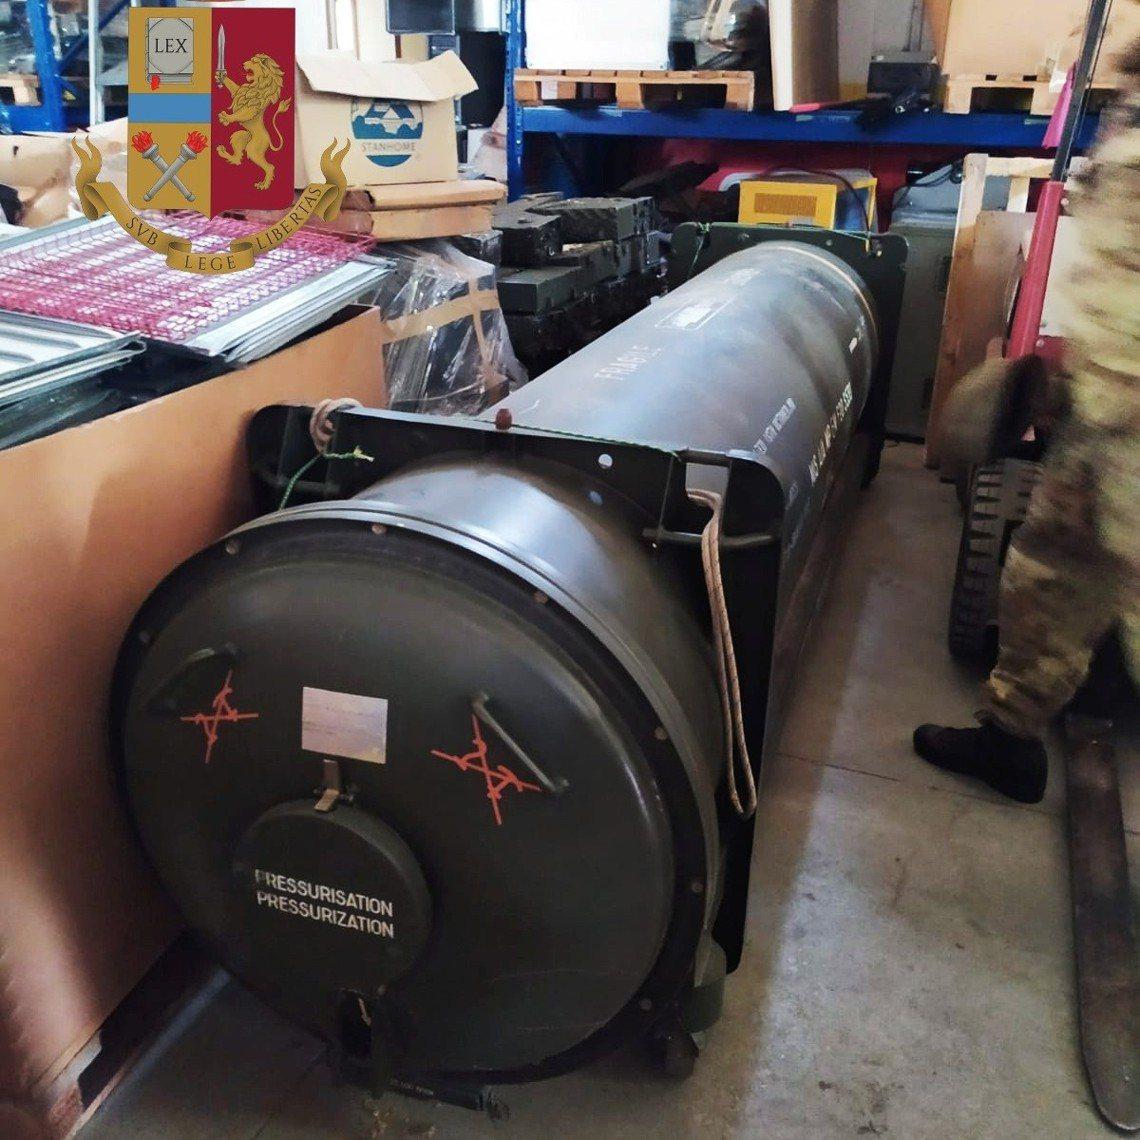 「這枚飛彈雖然已有些老舊,但確實有可能改造成地對空飛彈使用。」義大利軍方專家向《...